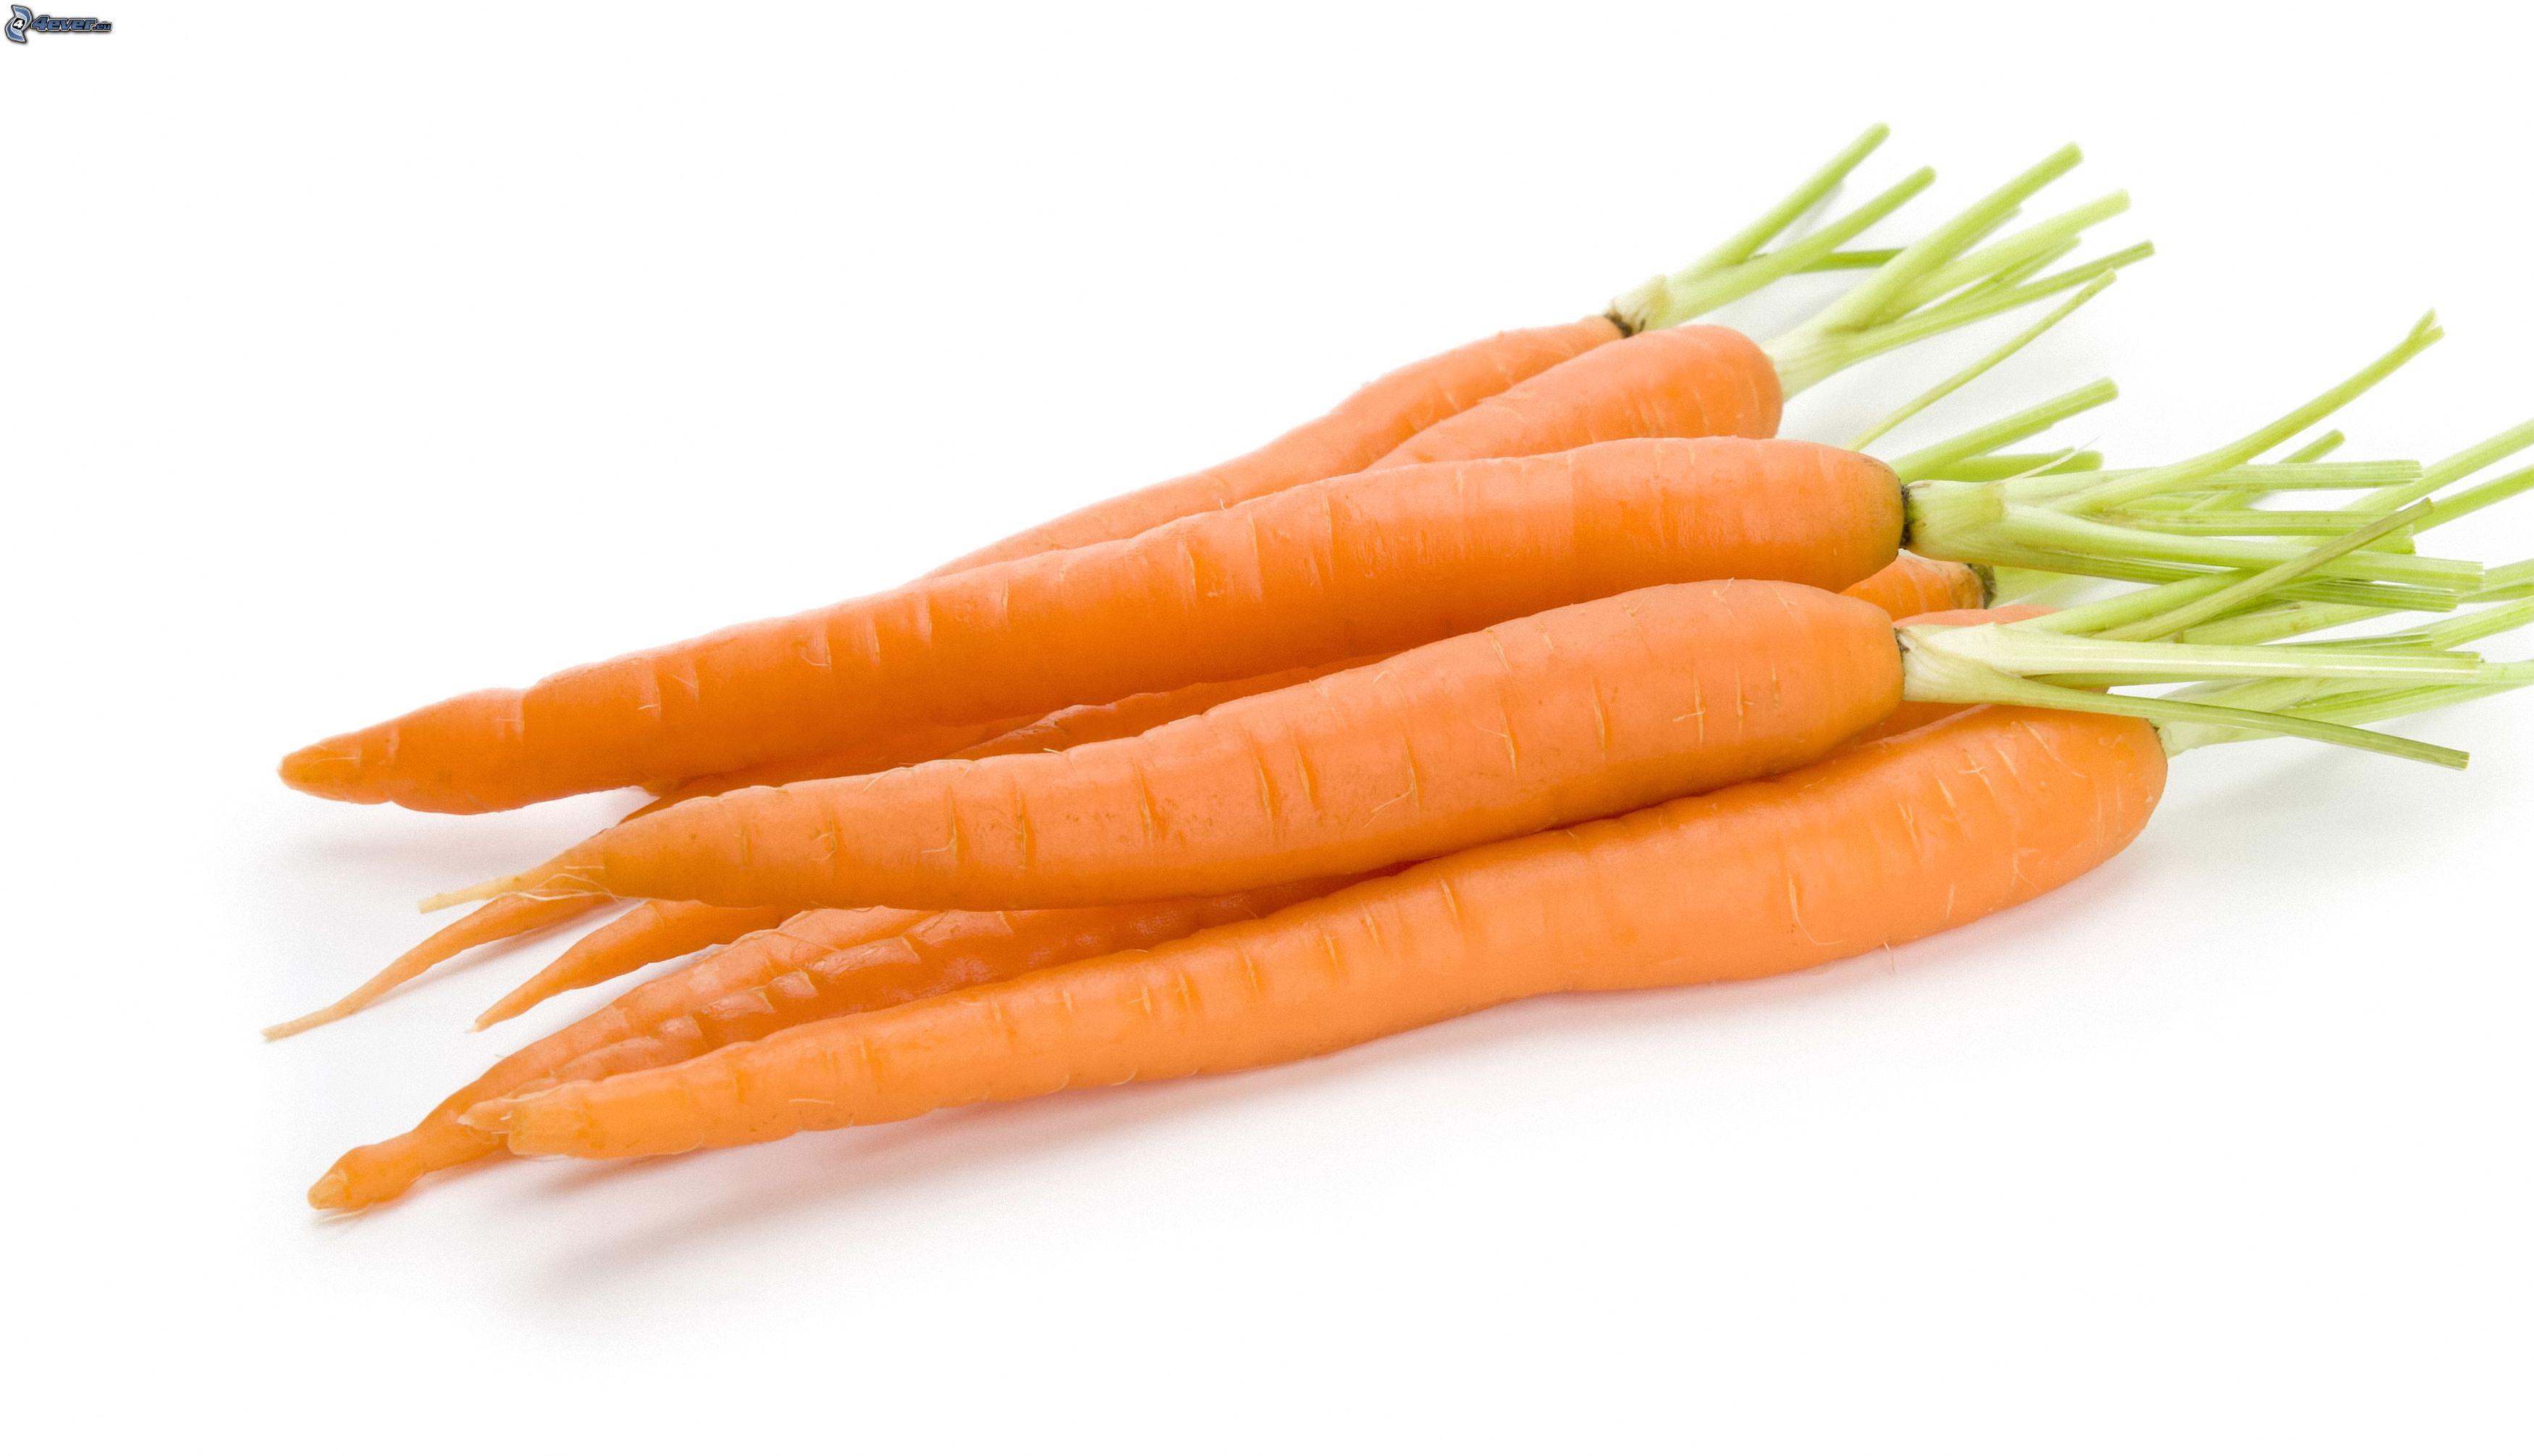 Zanahoria Sin Fondo / La zanahoria es una hortaliza bienal, perteneciente a la familia apiáceas, que produce una roseta de 8 a la zanahoria aparece mencionada ya en los escritos del romano plinio el viejo en el siglo i d.c.